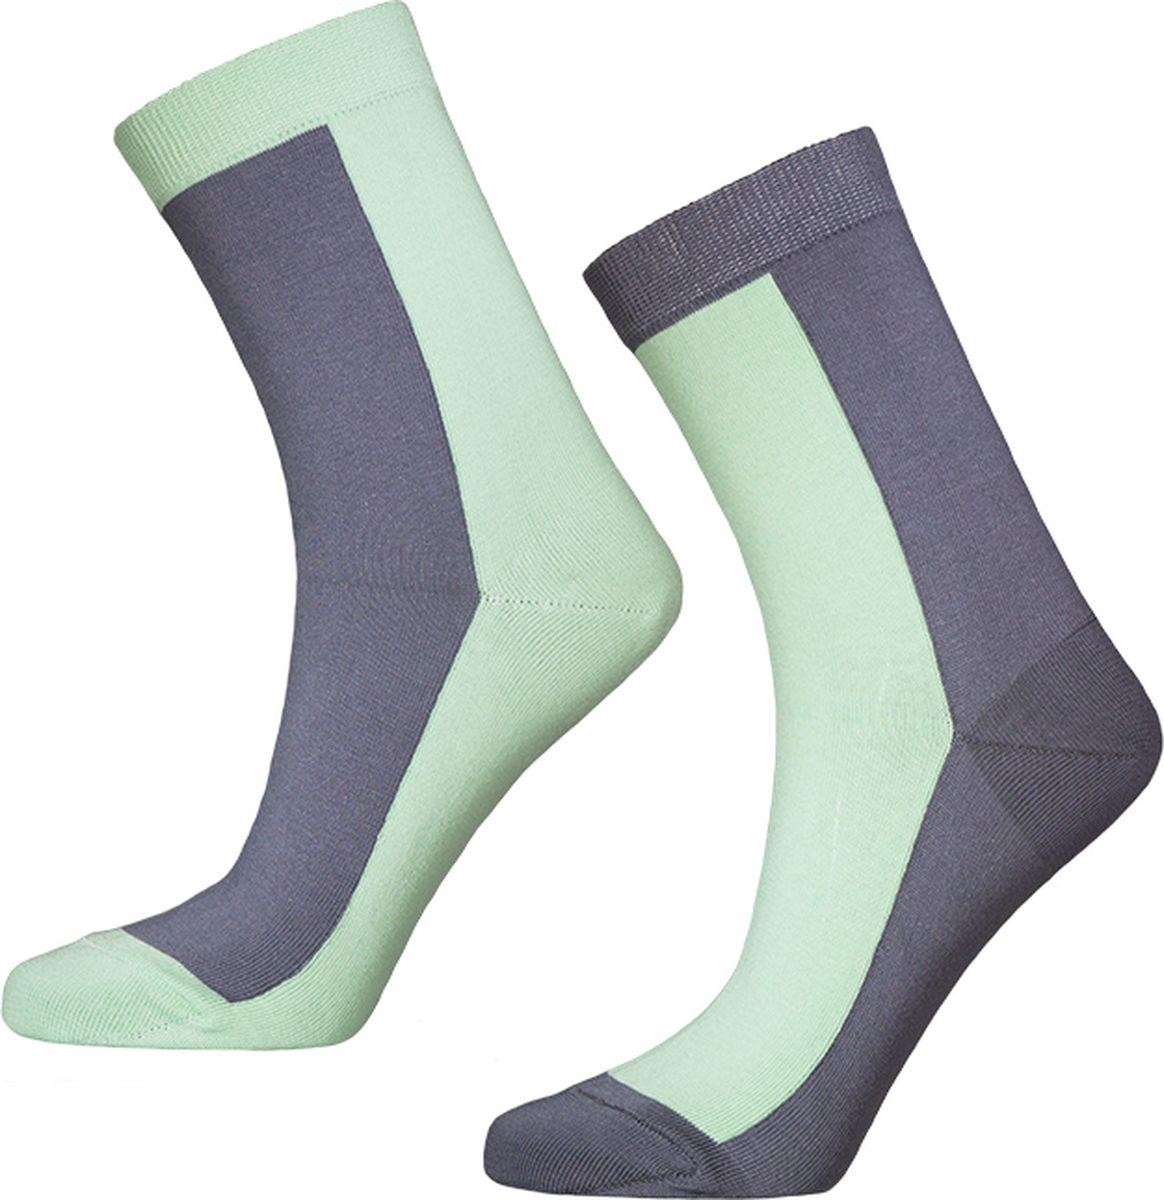 где купить Носки мужские Big Bang Socks, цвет: мятный, серый, 2 пары. d411. Размер 40/44 по лучшей цене